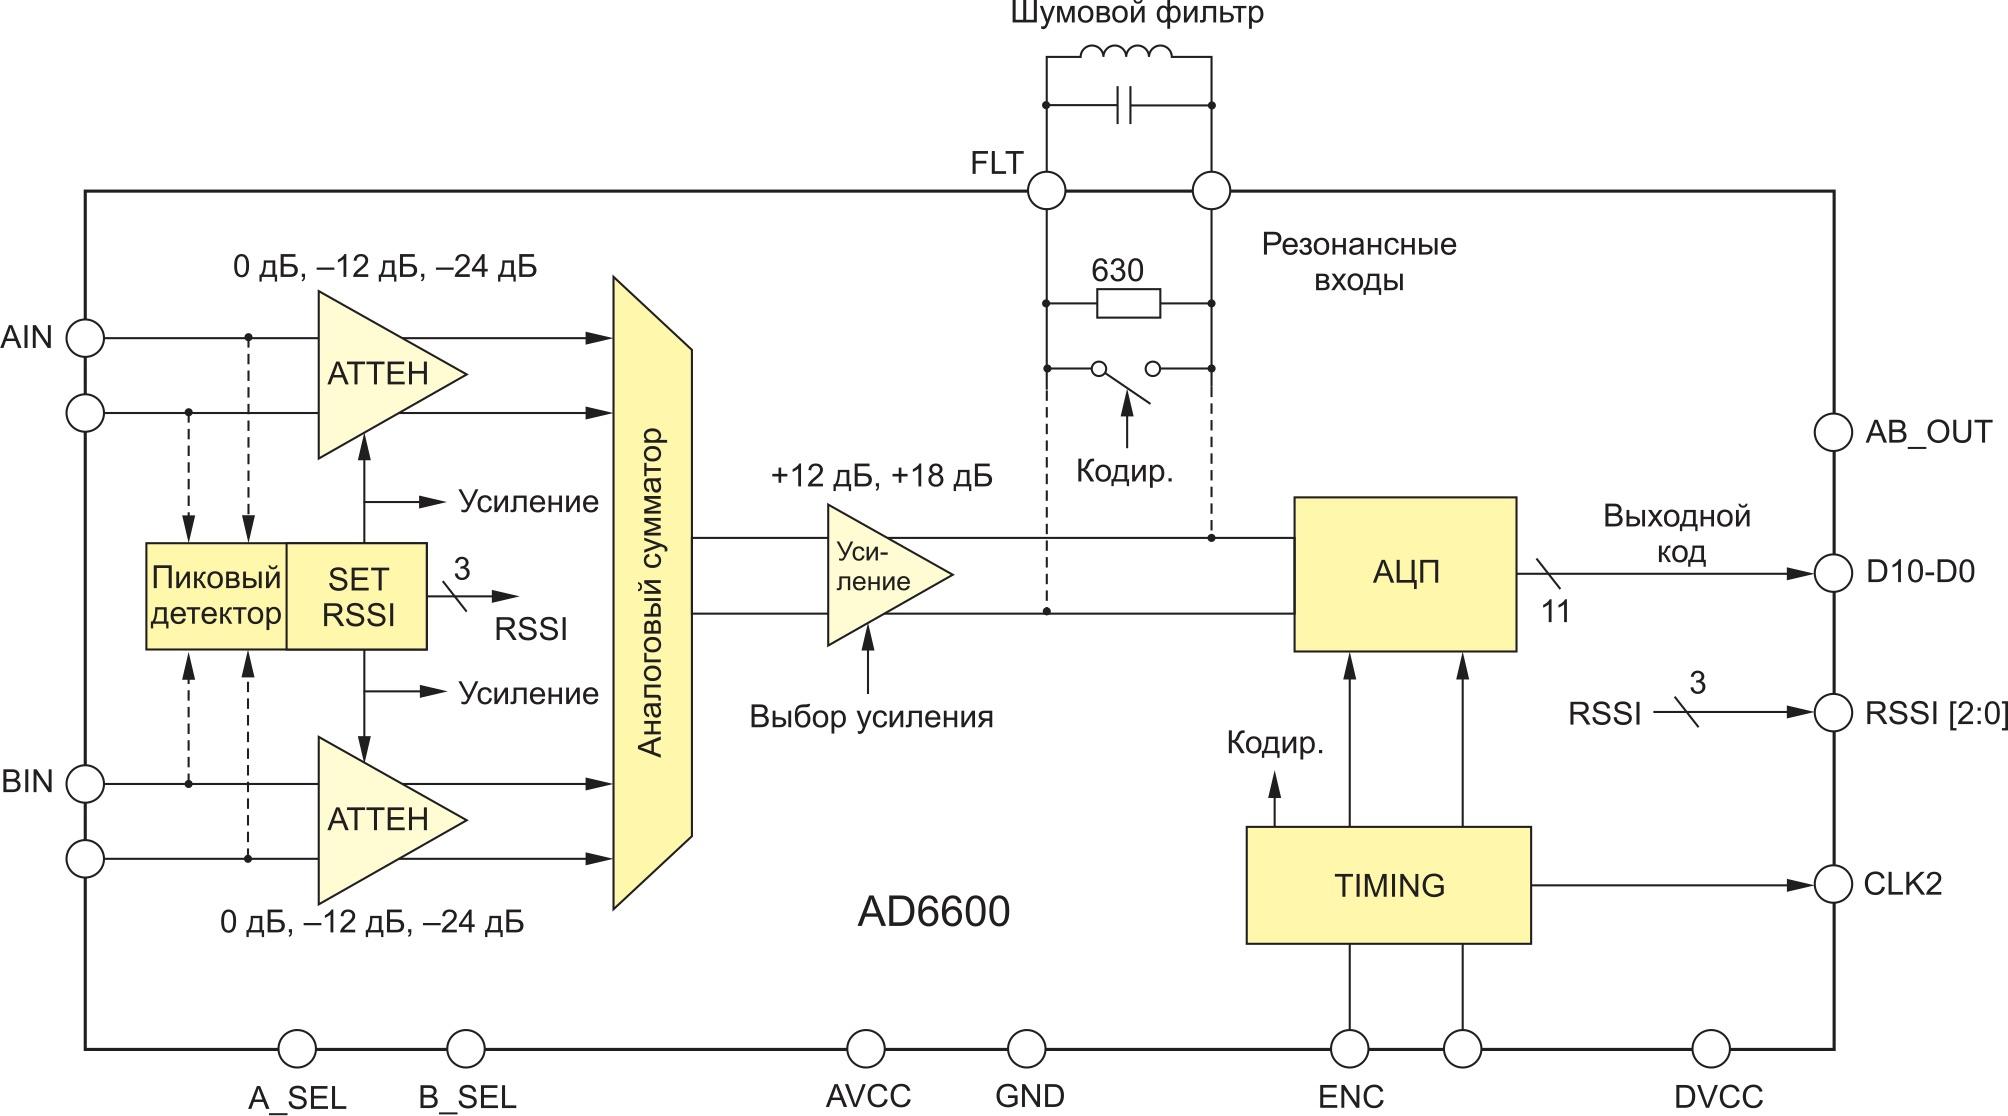 Структура микросхемы AD6600